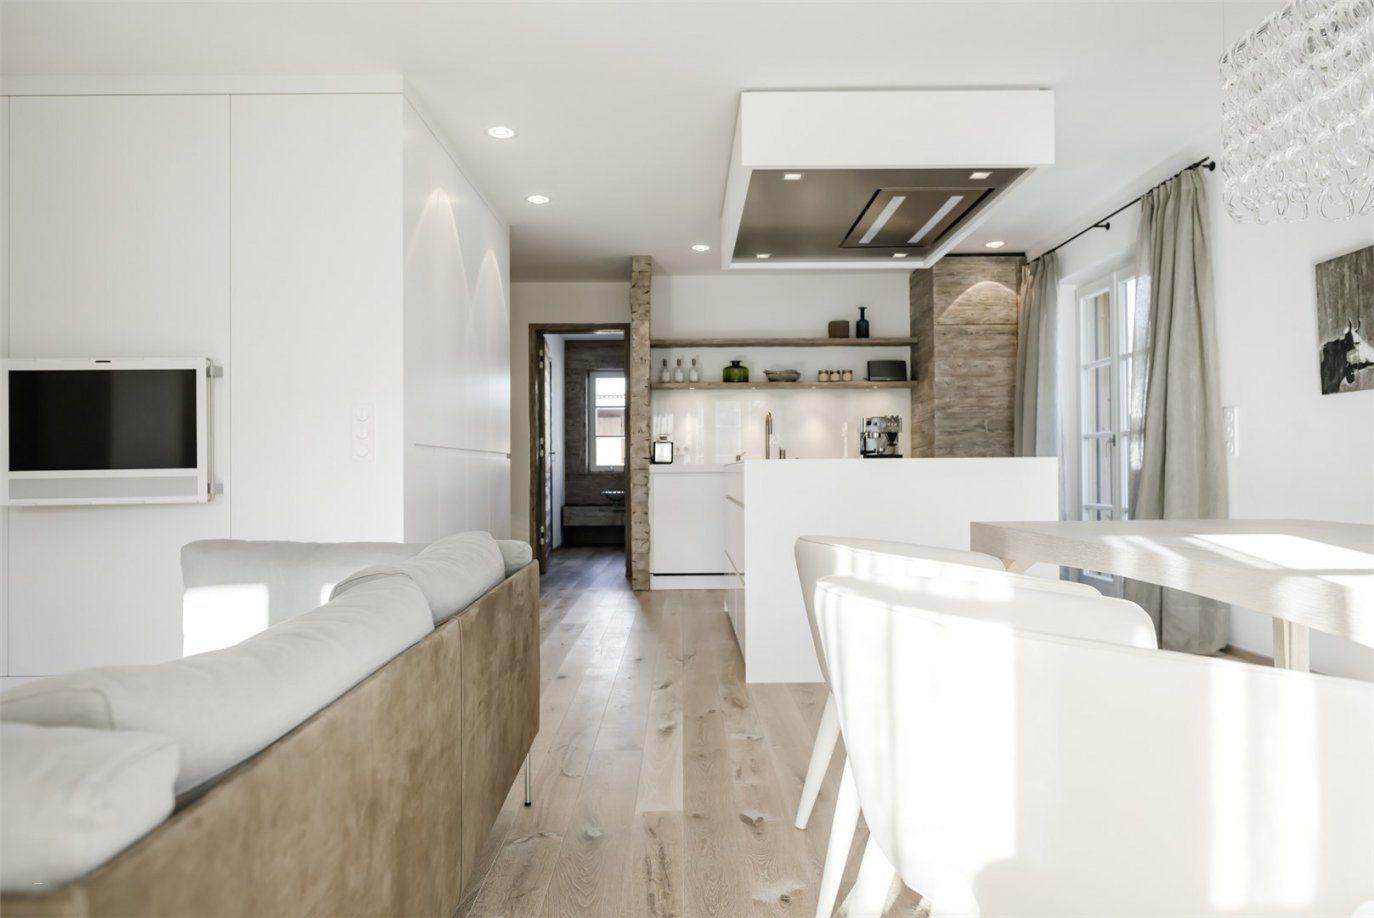 Kleine Kuche Und Wohnzimmer In Einem Raum Ehering Spruche Fein